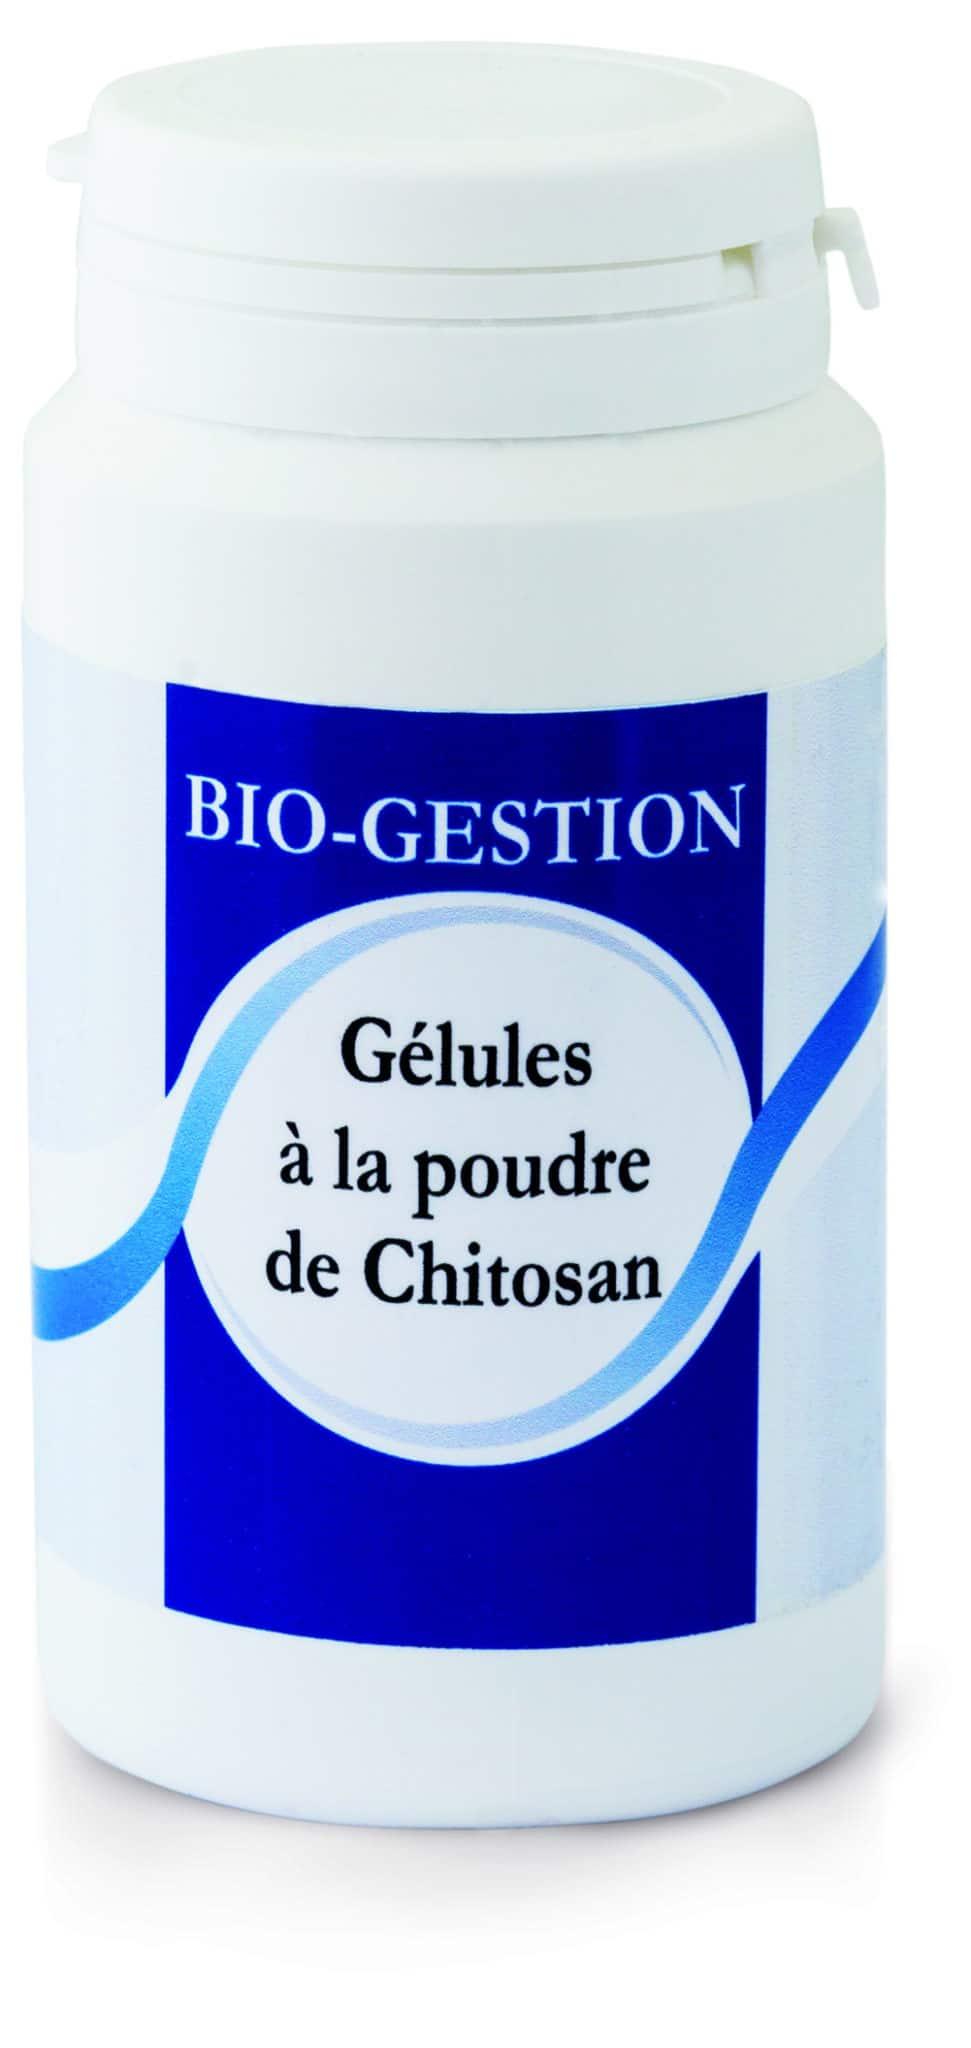 Lipo-Elimination - le piège à graisse naturel -Bio-Gestion